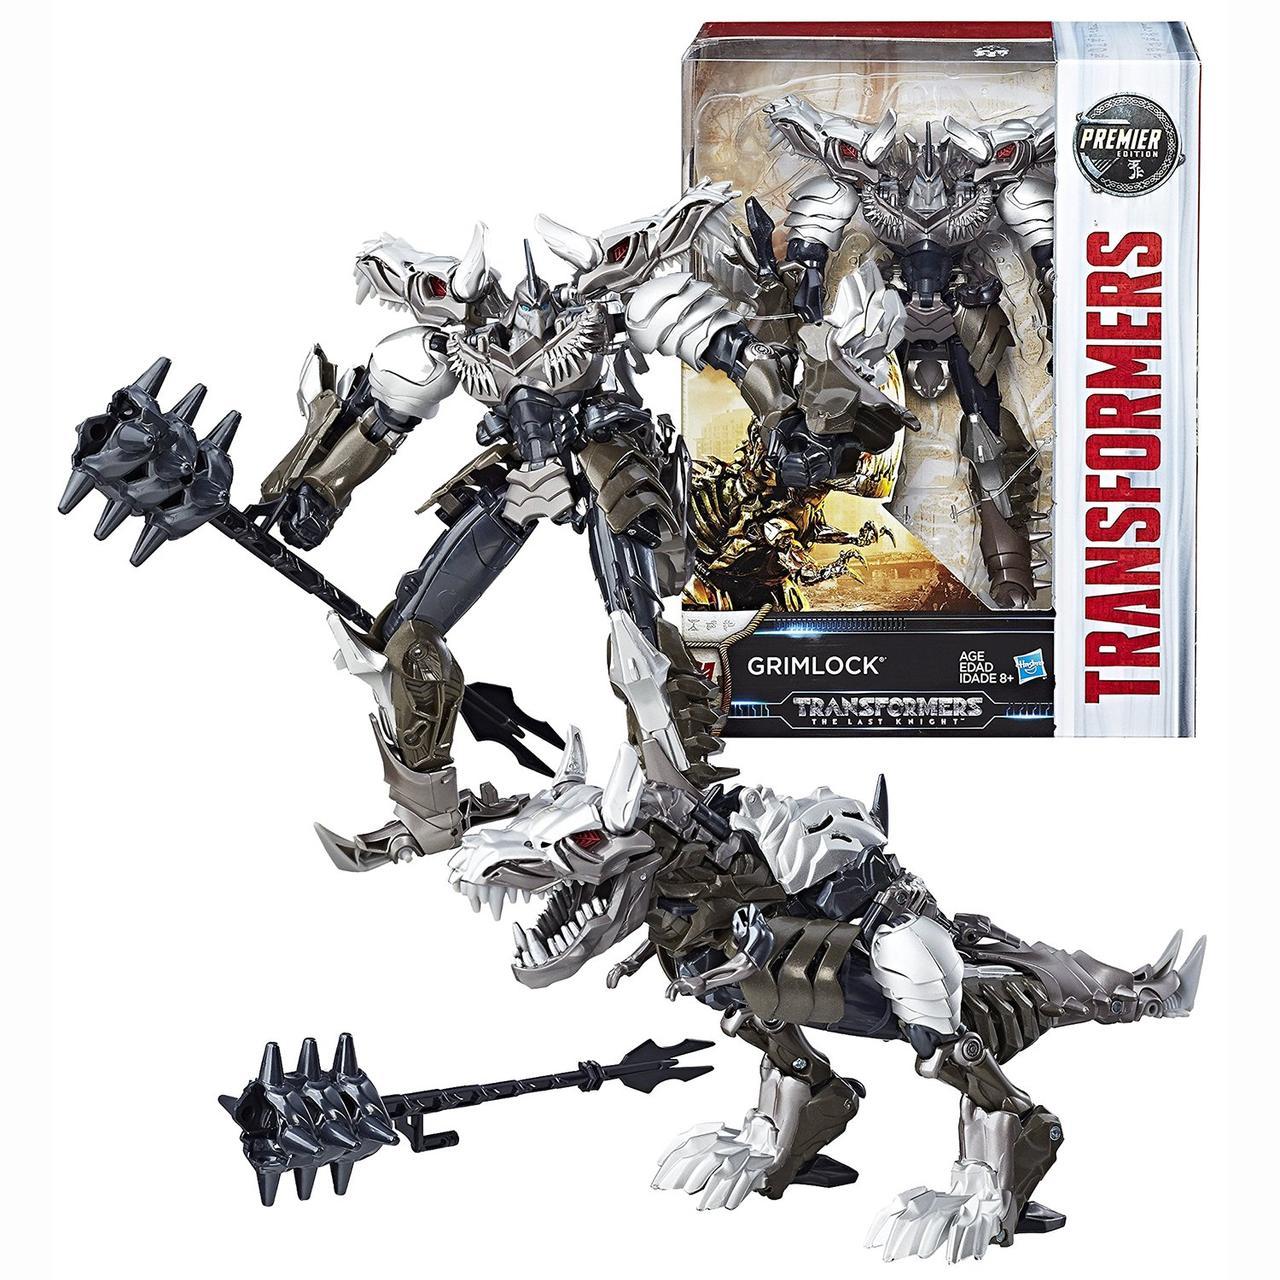 Трансформеры 5: Вояджер Трансформер Хасбро Вояджер Гримлок Transformers Grimlock Hasbro C1333 Voyager Динобот